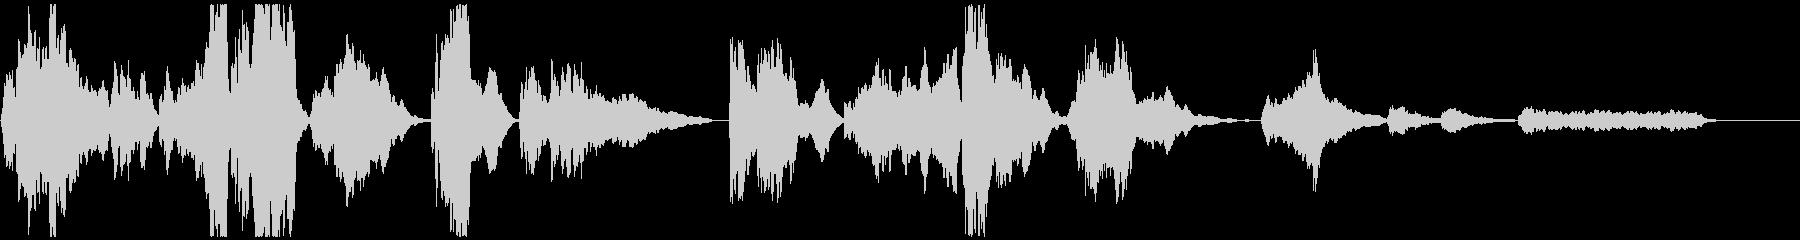 勇壮なトランペットのファンファーレBGMの未再生の波形